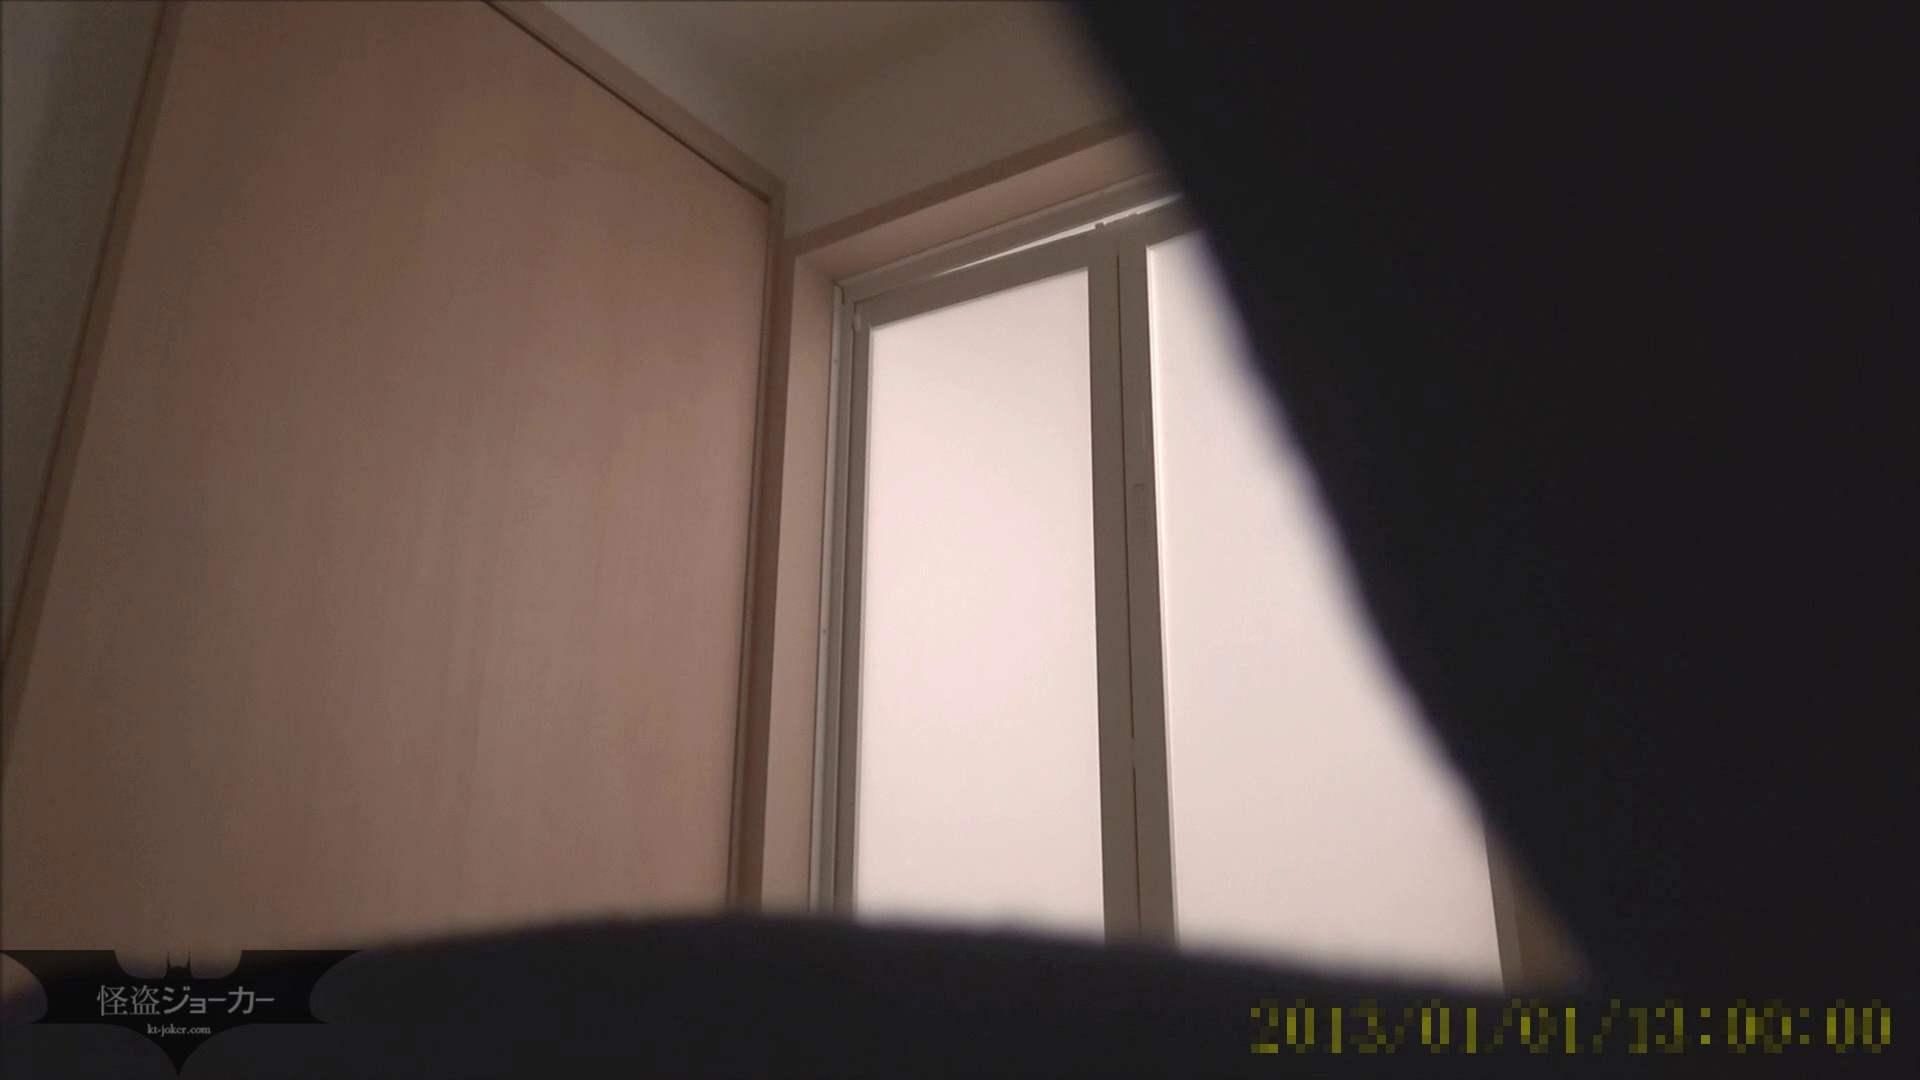 【未公開】vol.103  {黒髪→茶髪ボブに変身}美巨乳アミちゃん④【前編】 女子大生  92画像 70